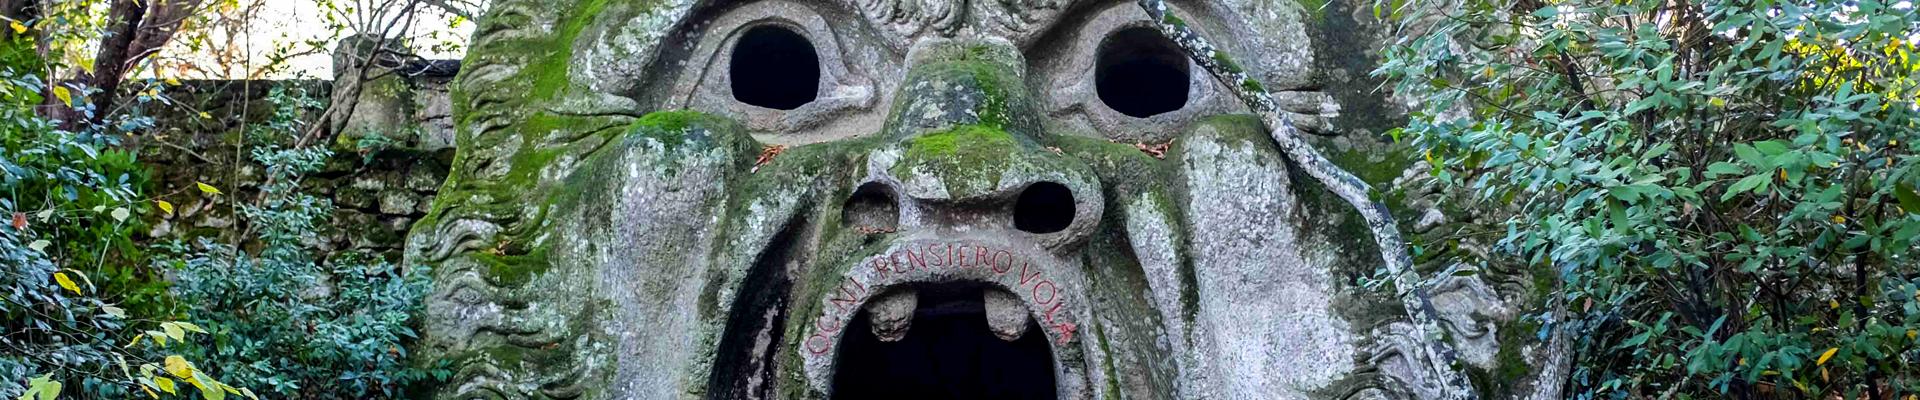 Parco dei mostri Bomarzo - Il Meleto